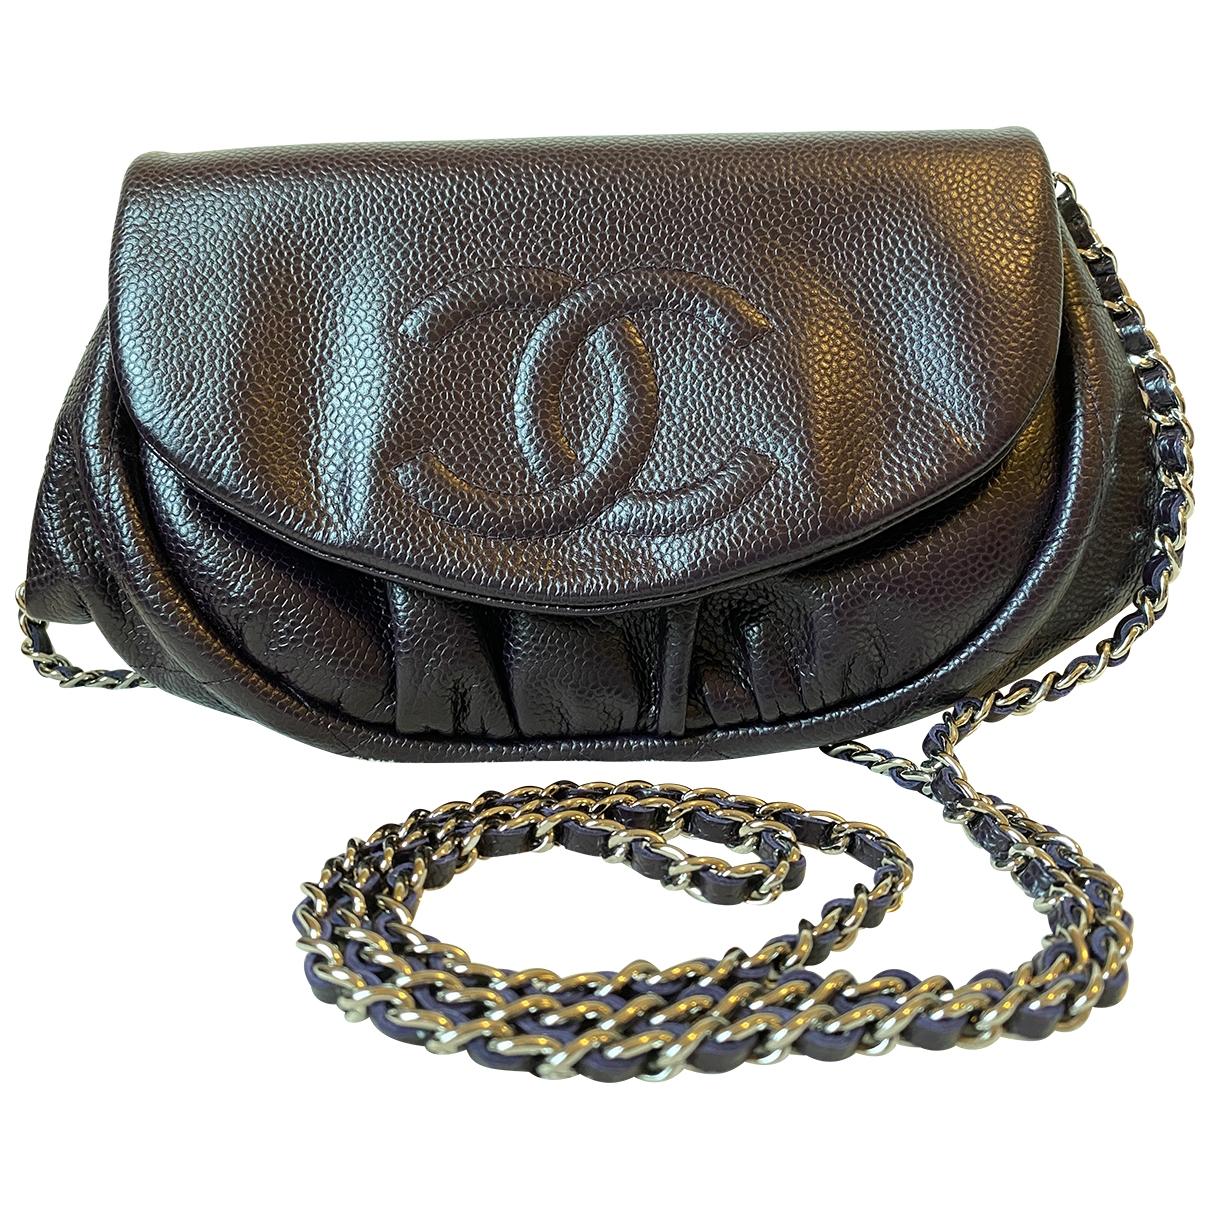 Chanel - Sac a main   pour femme en cuir - violet